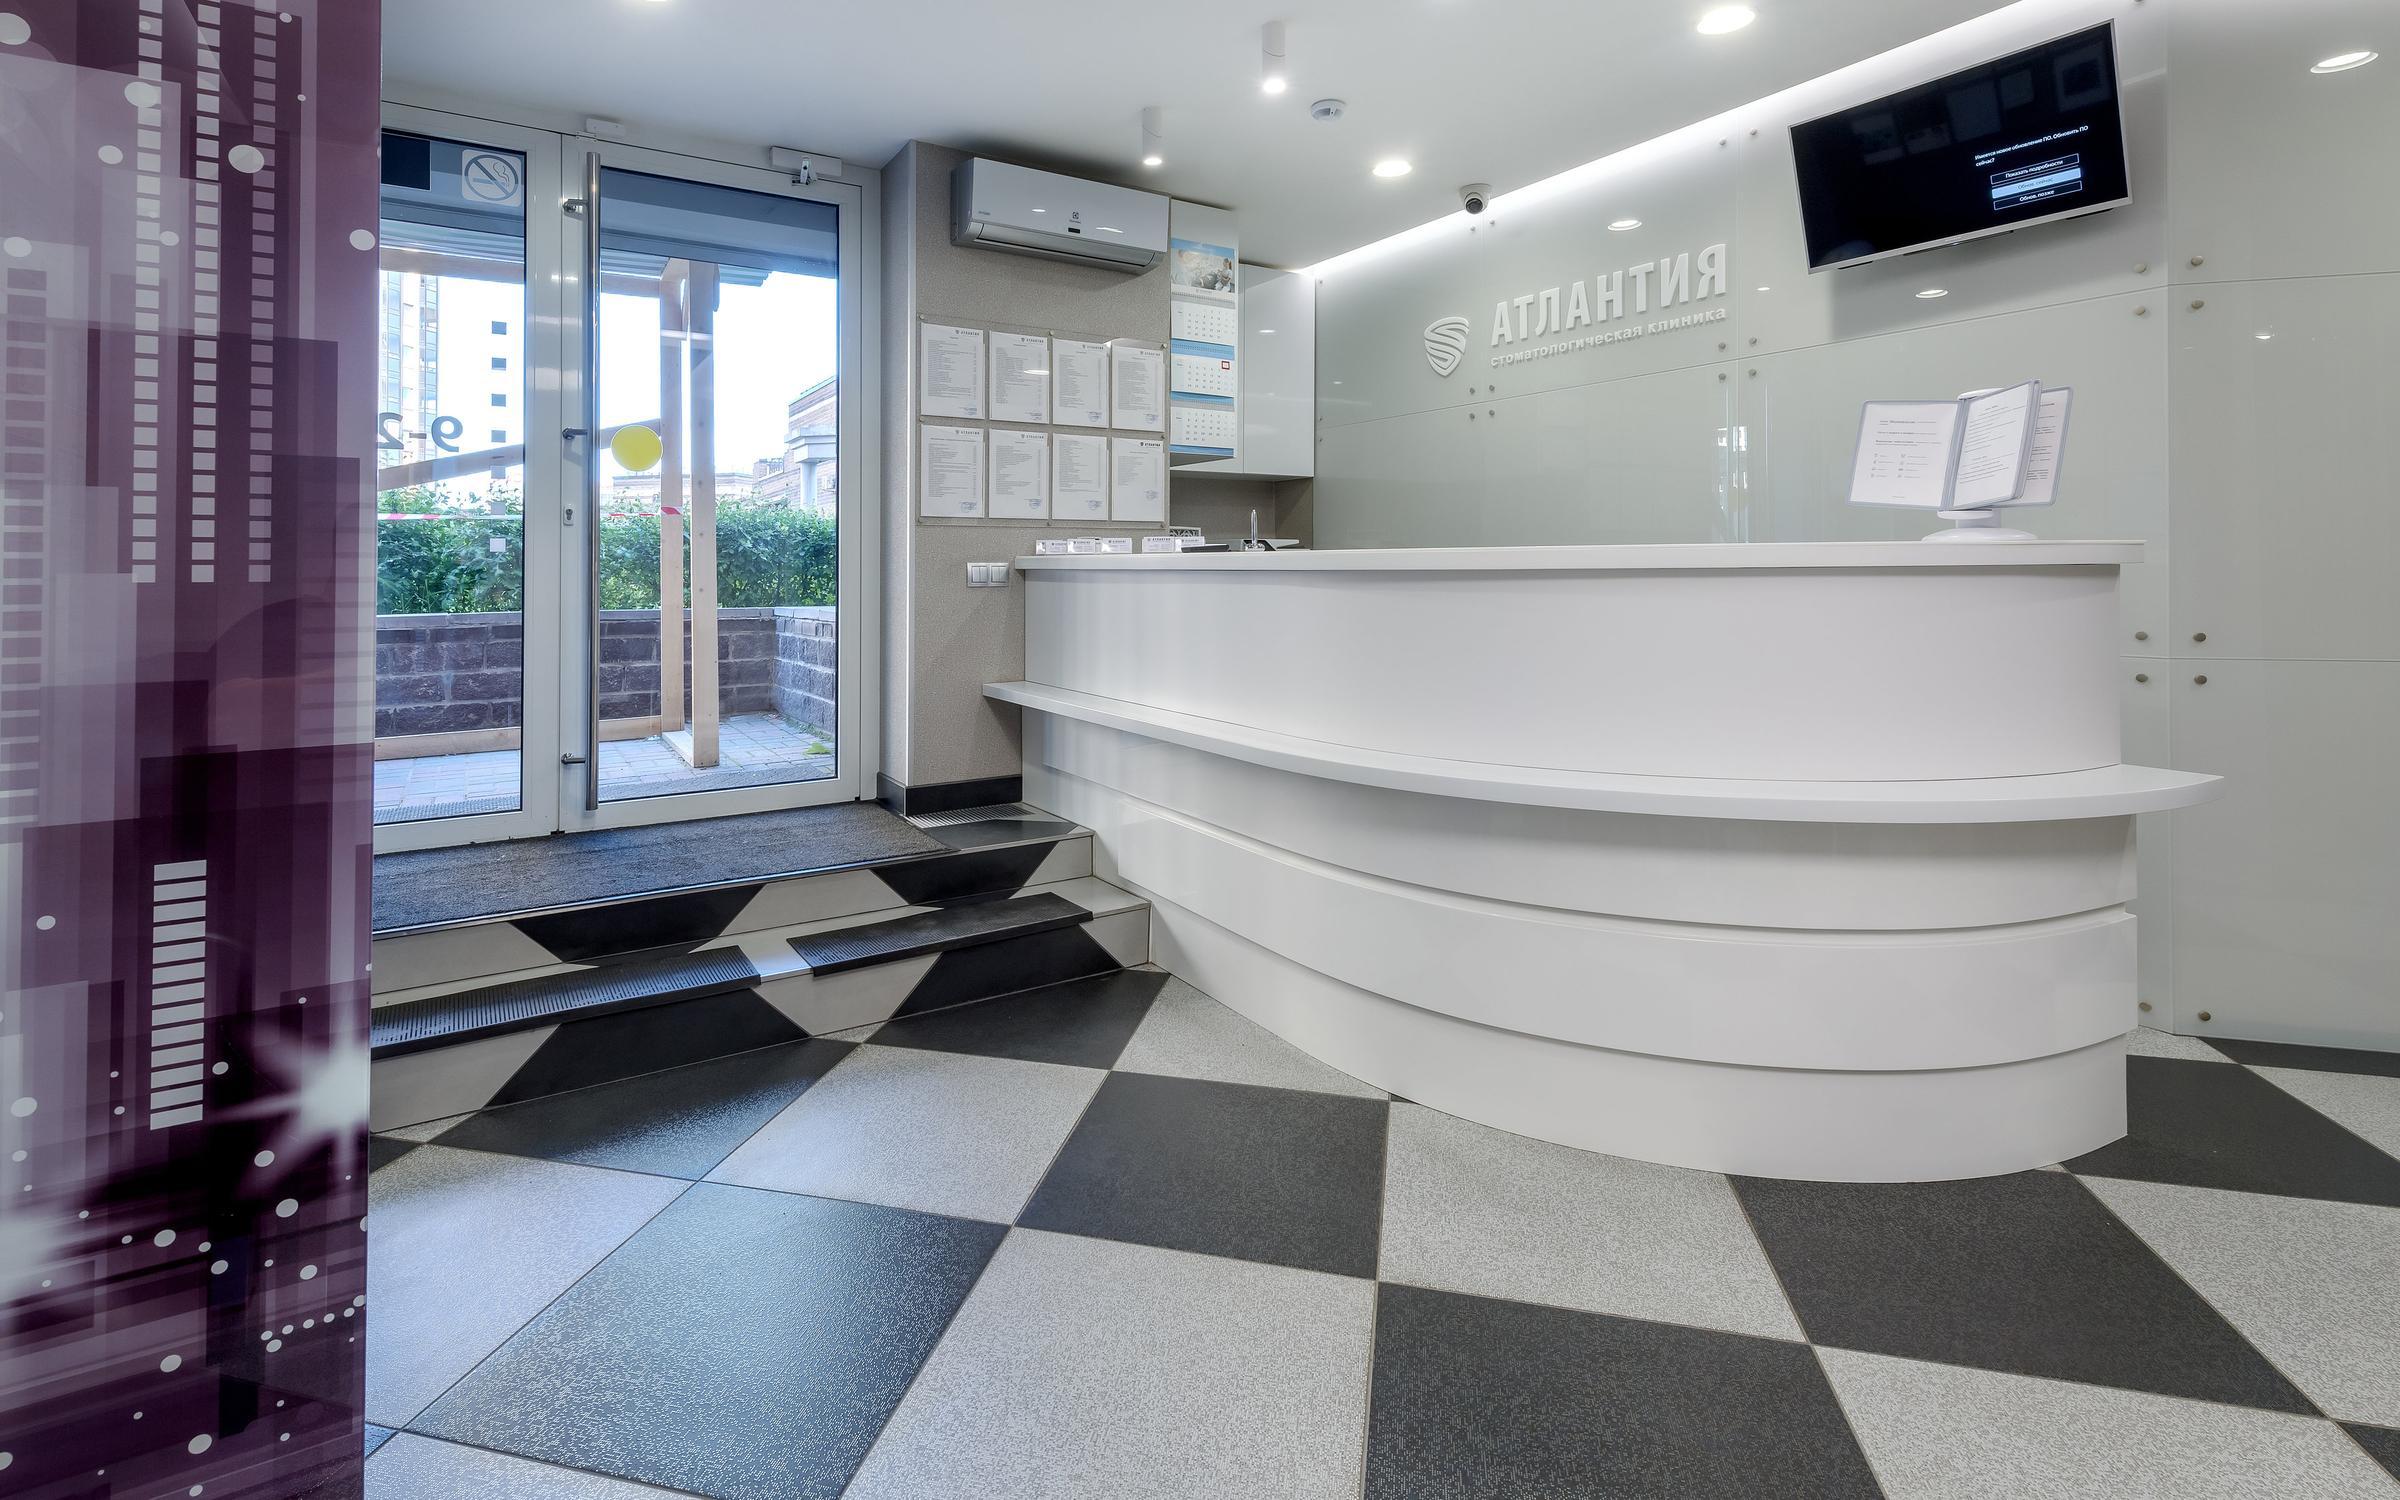 фотография Стоматологической клиники Атлантия на метро Парнас